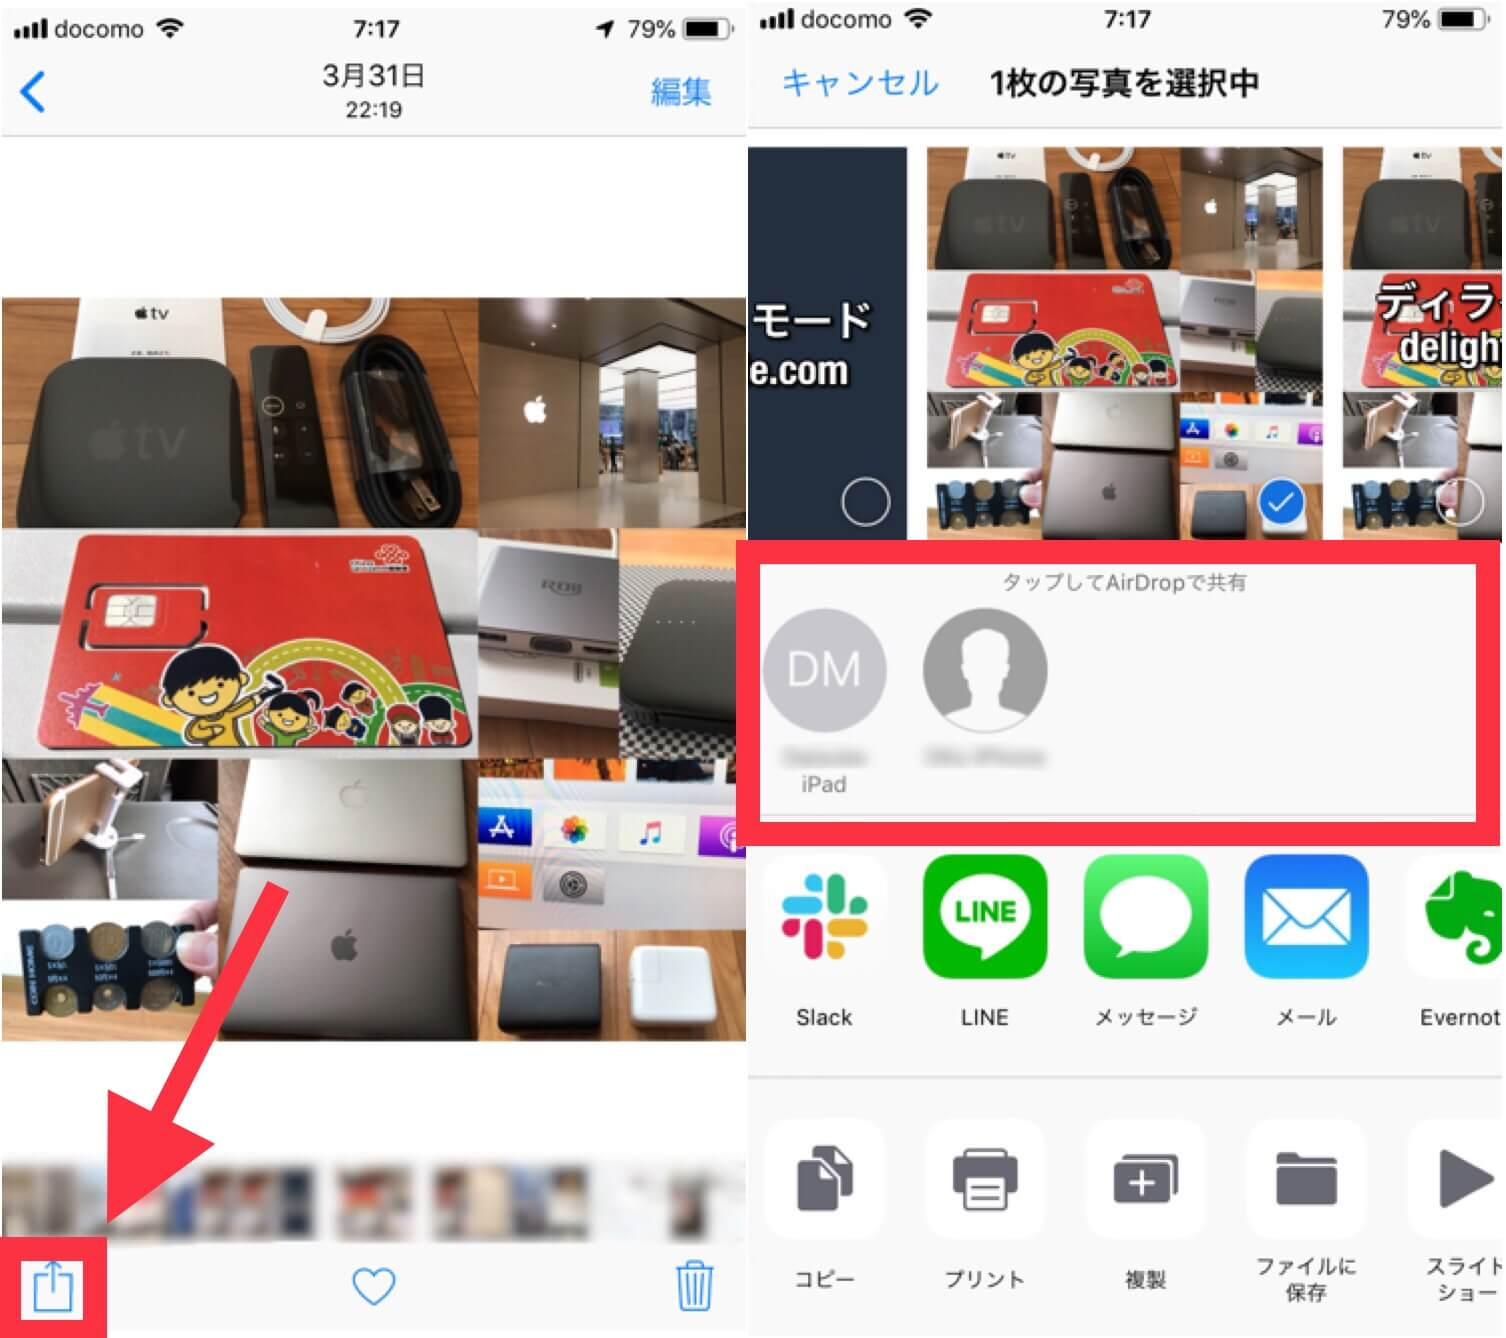 写真アプリでの操作。送信したい写真を選択して、共有ボタンをクリックする方法の説明画面です。